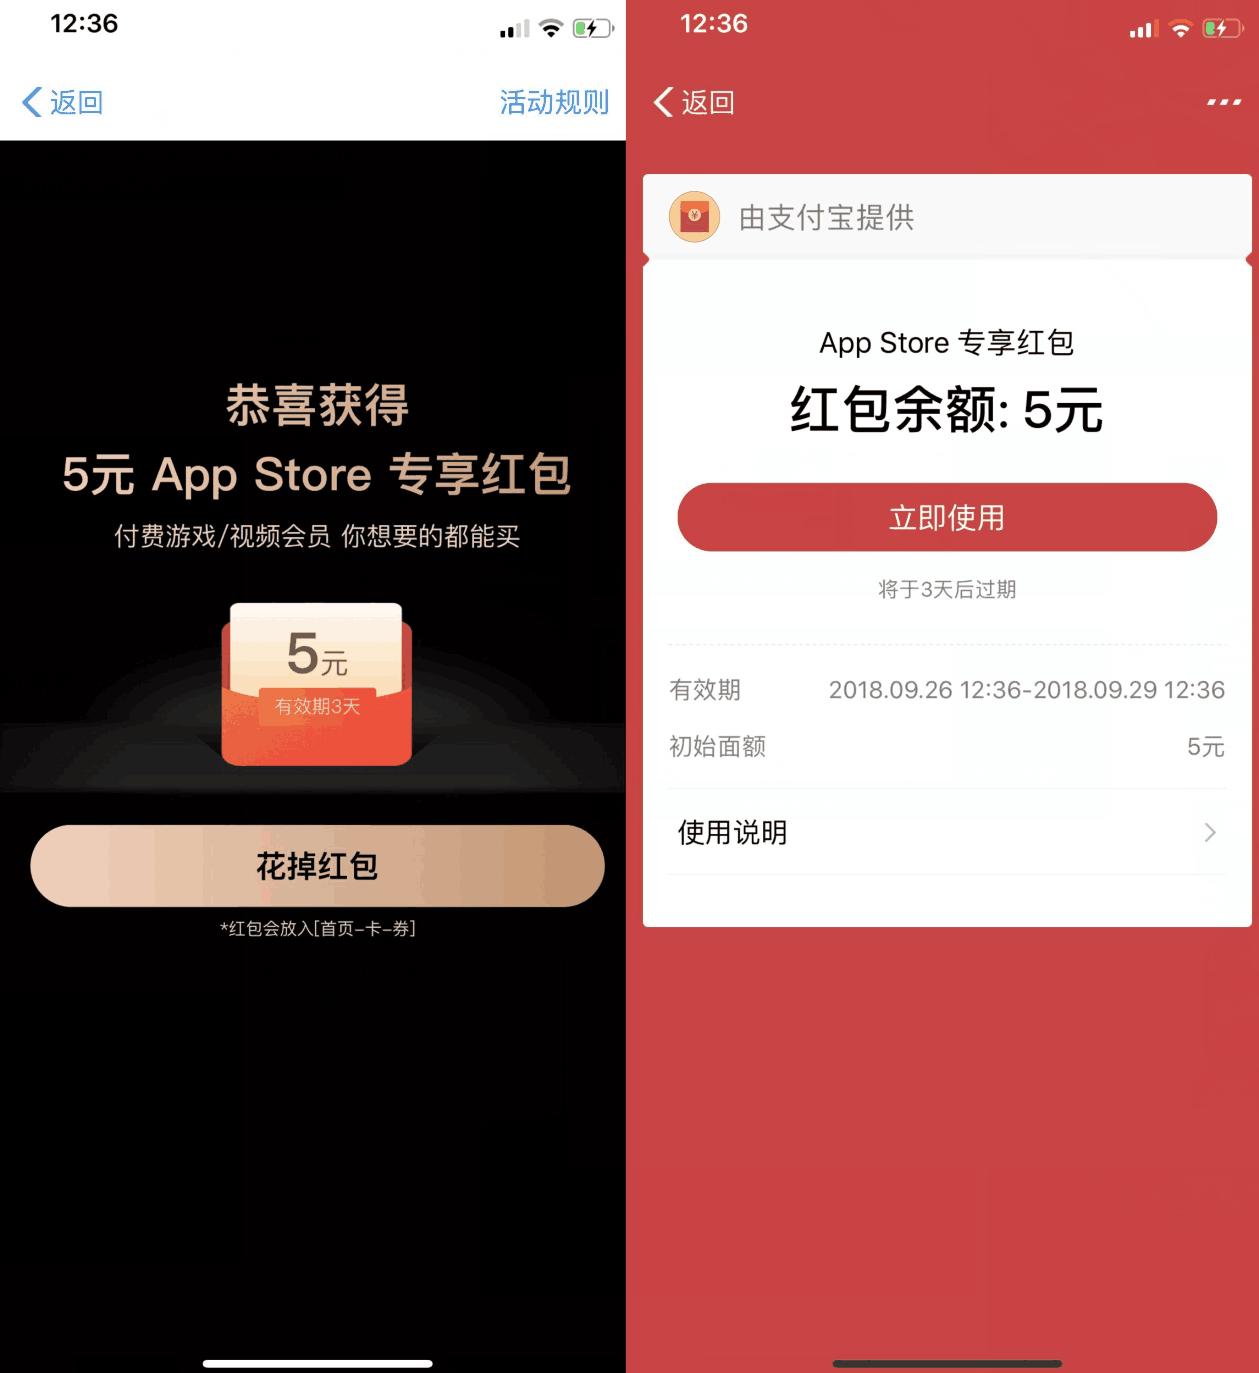 苹果手机用户100%领5元红包 可直接消费或充值到苹果商店余额 其他活动 第1张